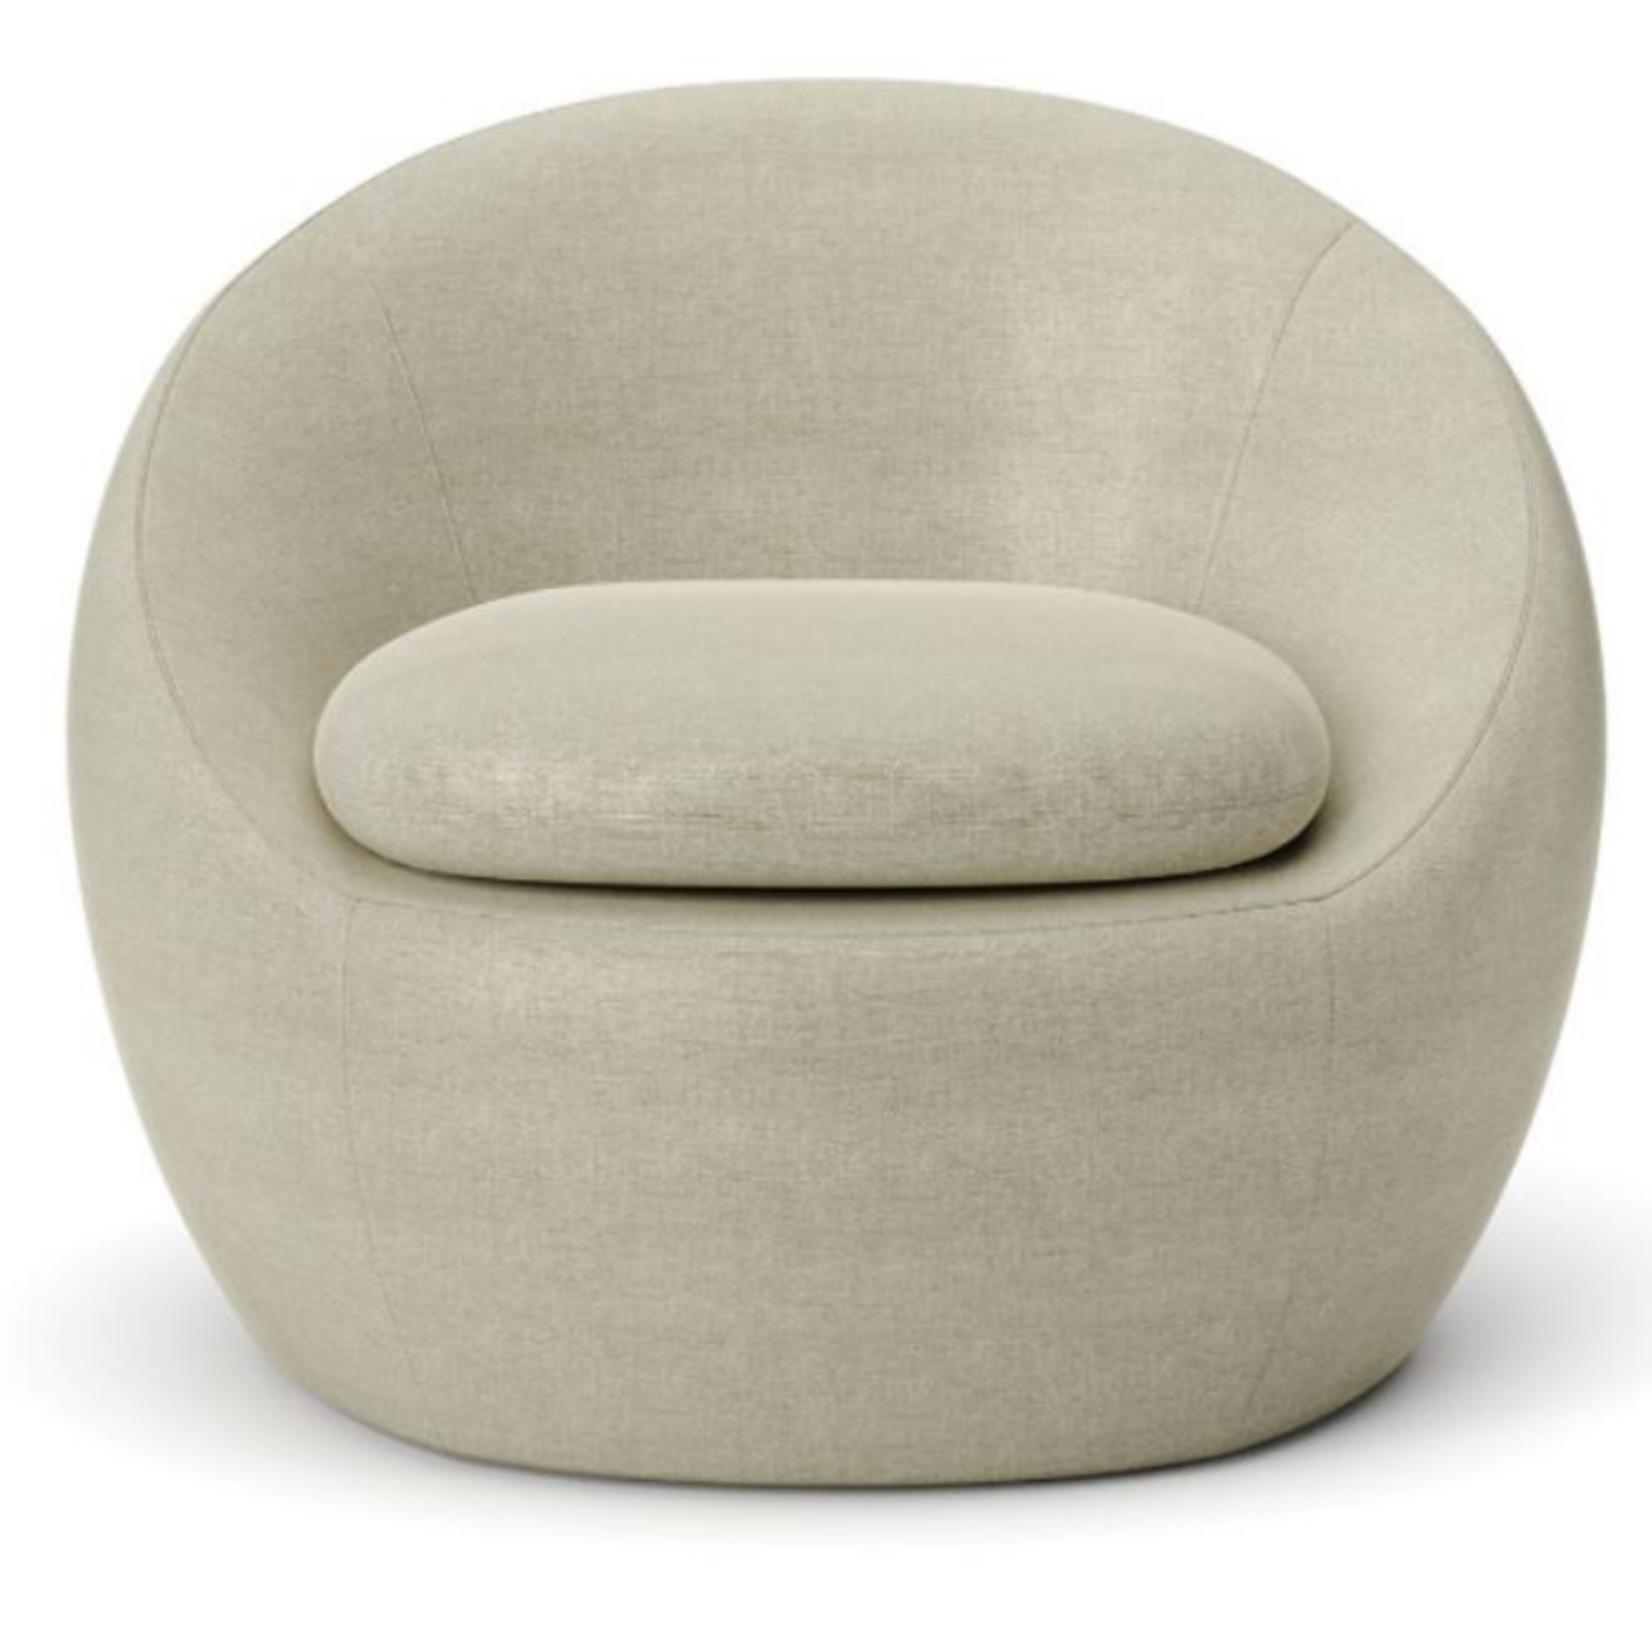 Harmony Studio Harry Swivel Chair